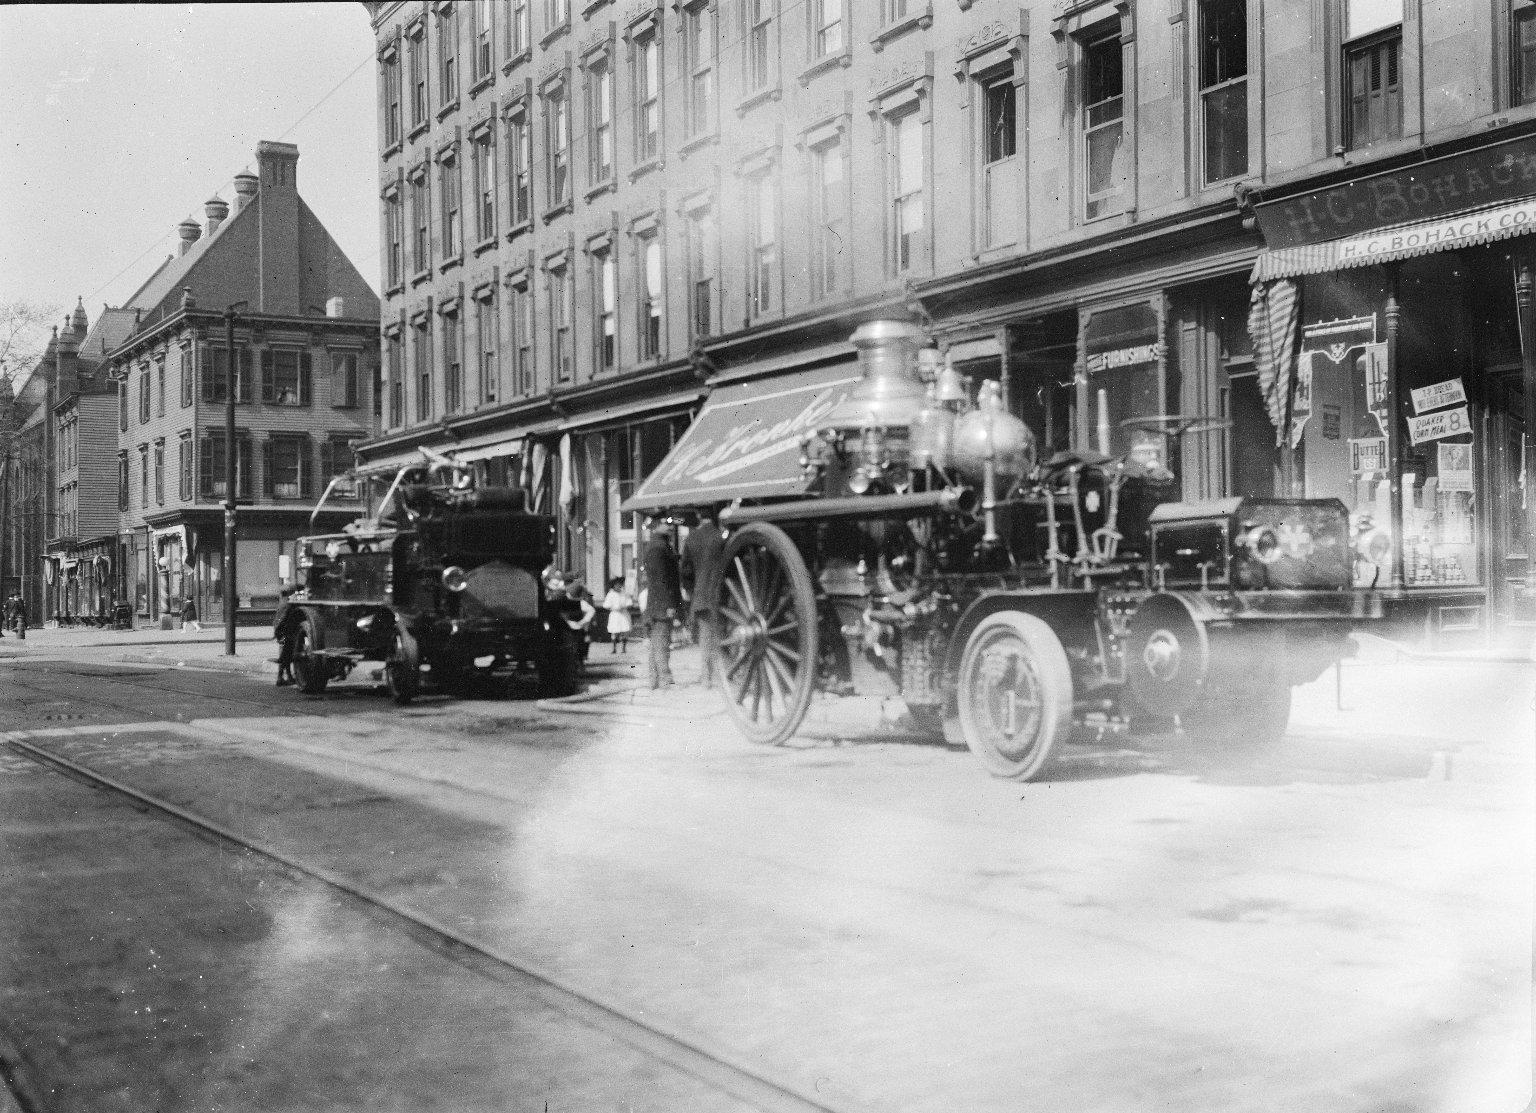 Паровой пожарный насос трактором. Нью-Йорк, США. Начало 20 века